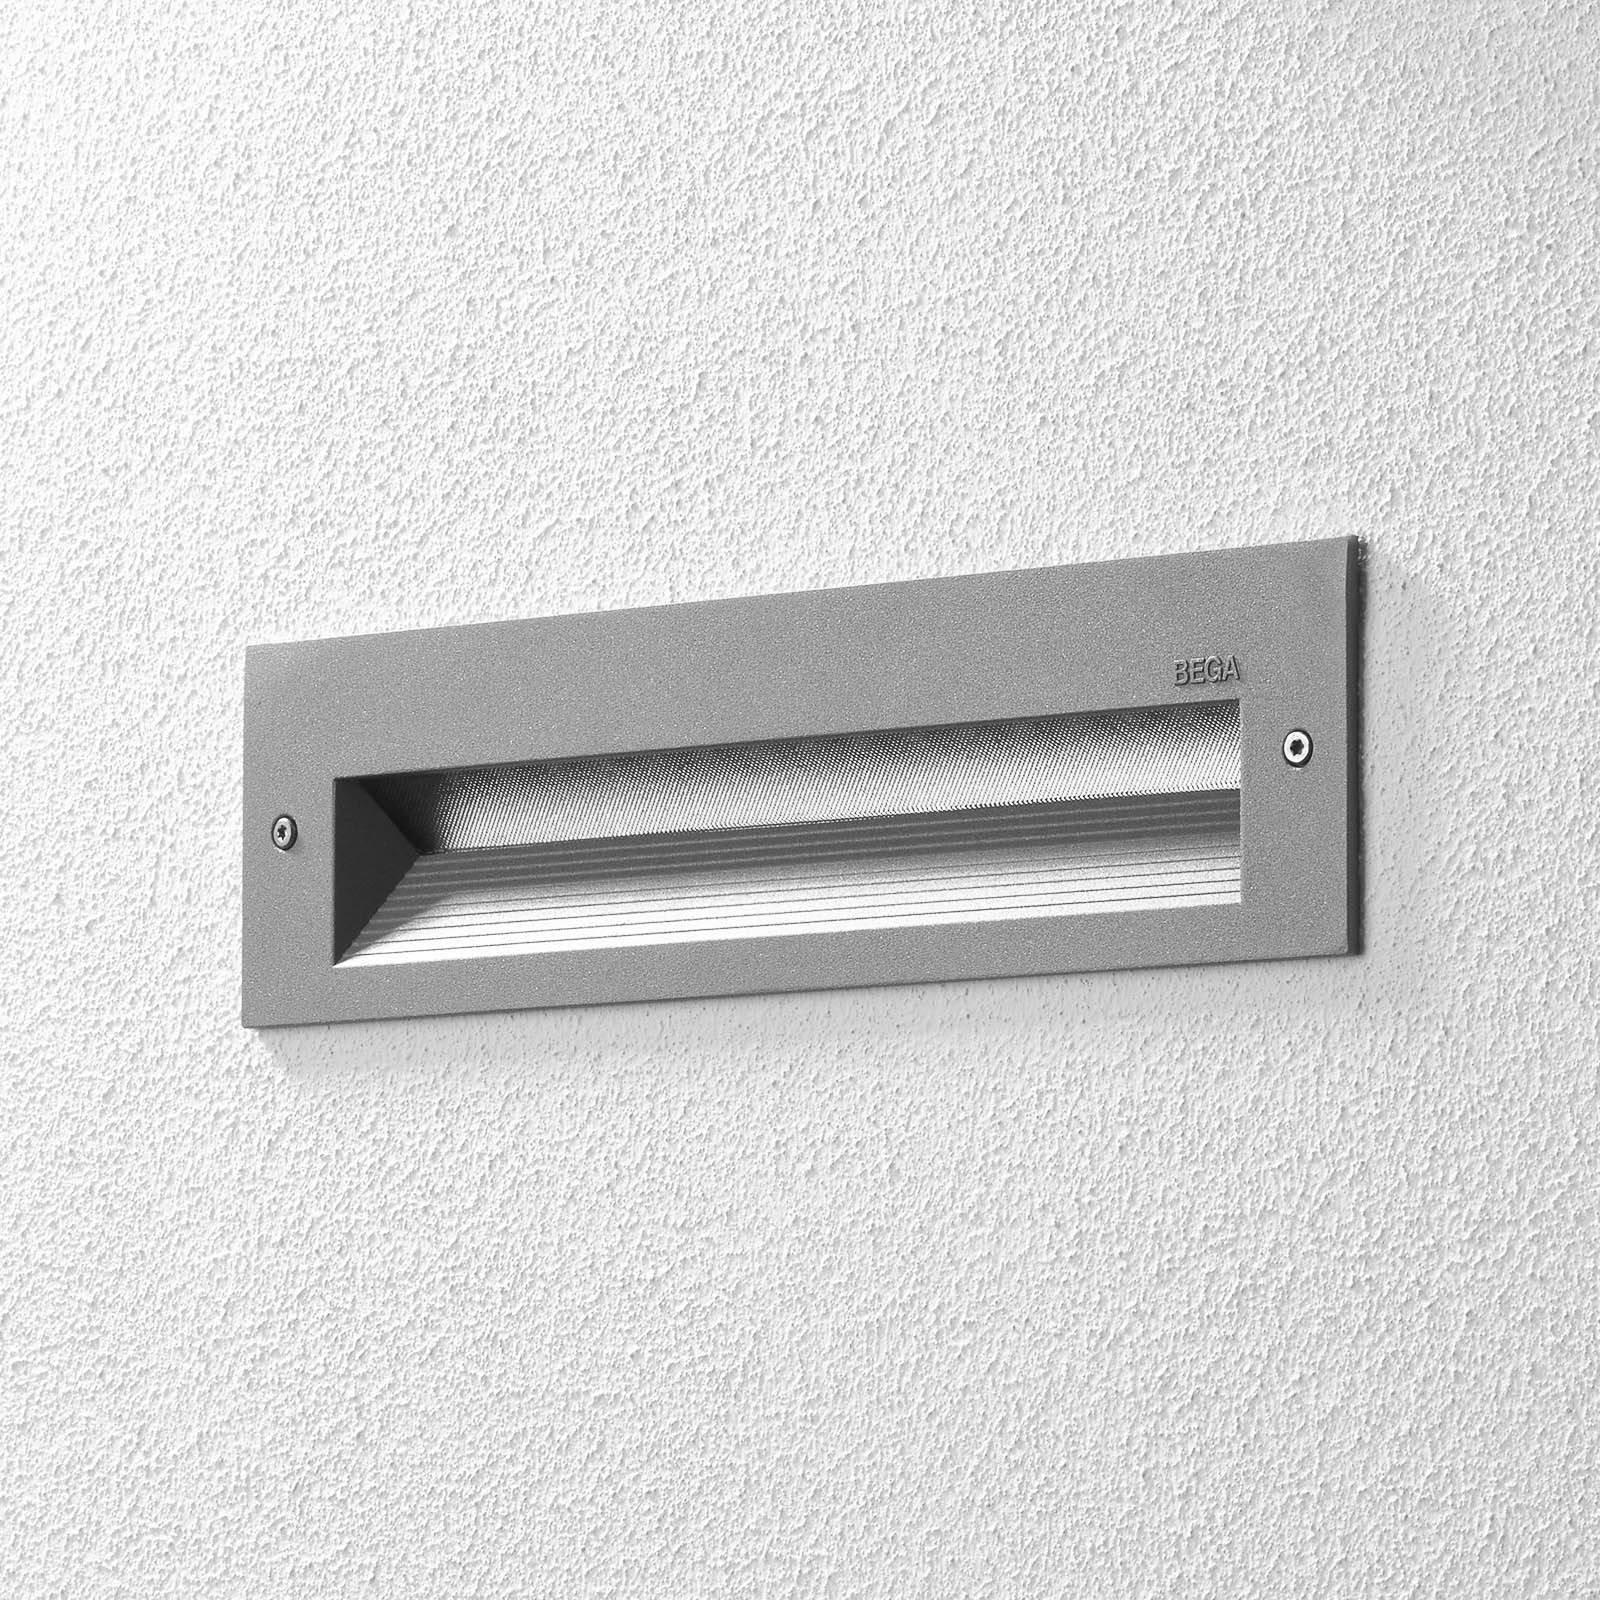 BEGA 33054 LED-veggmontering 3 000 K sølv 26 cm